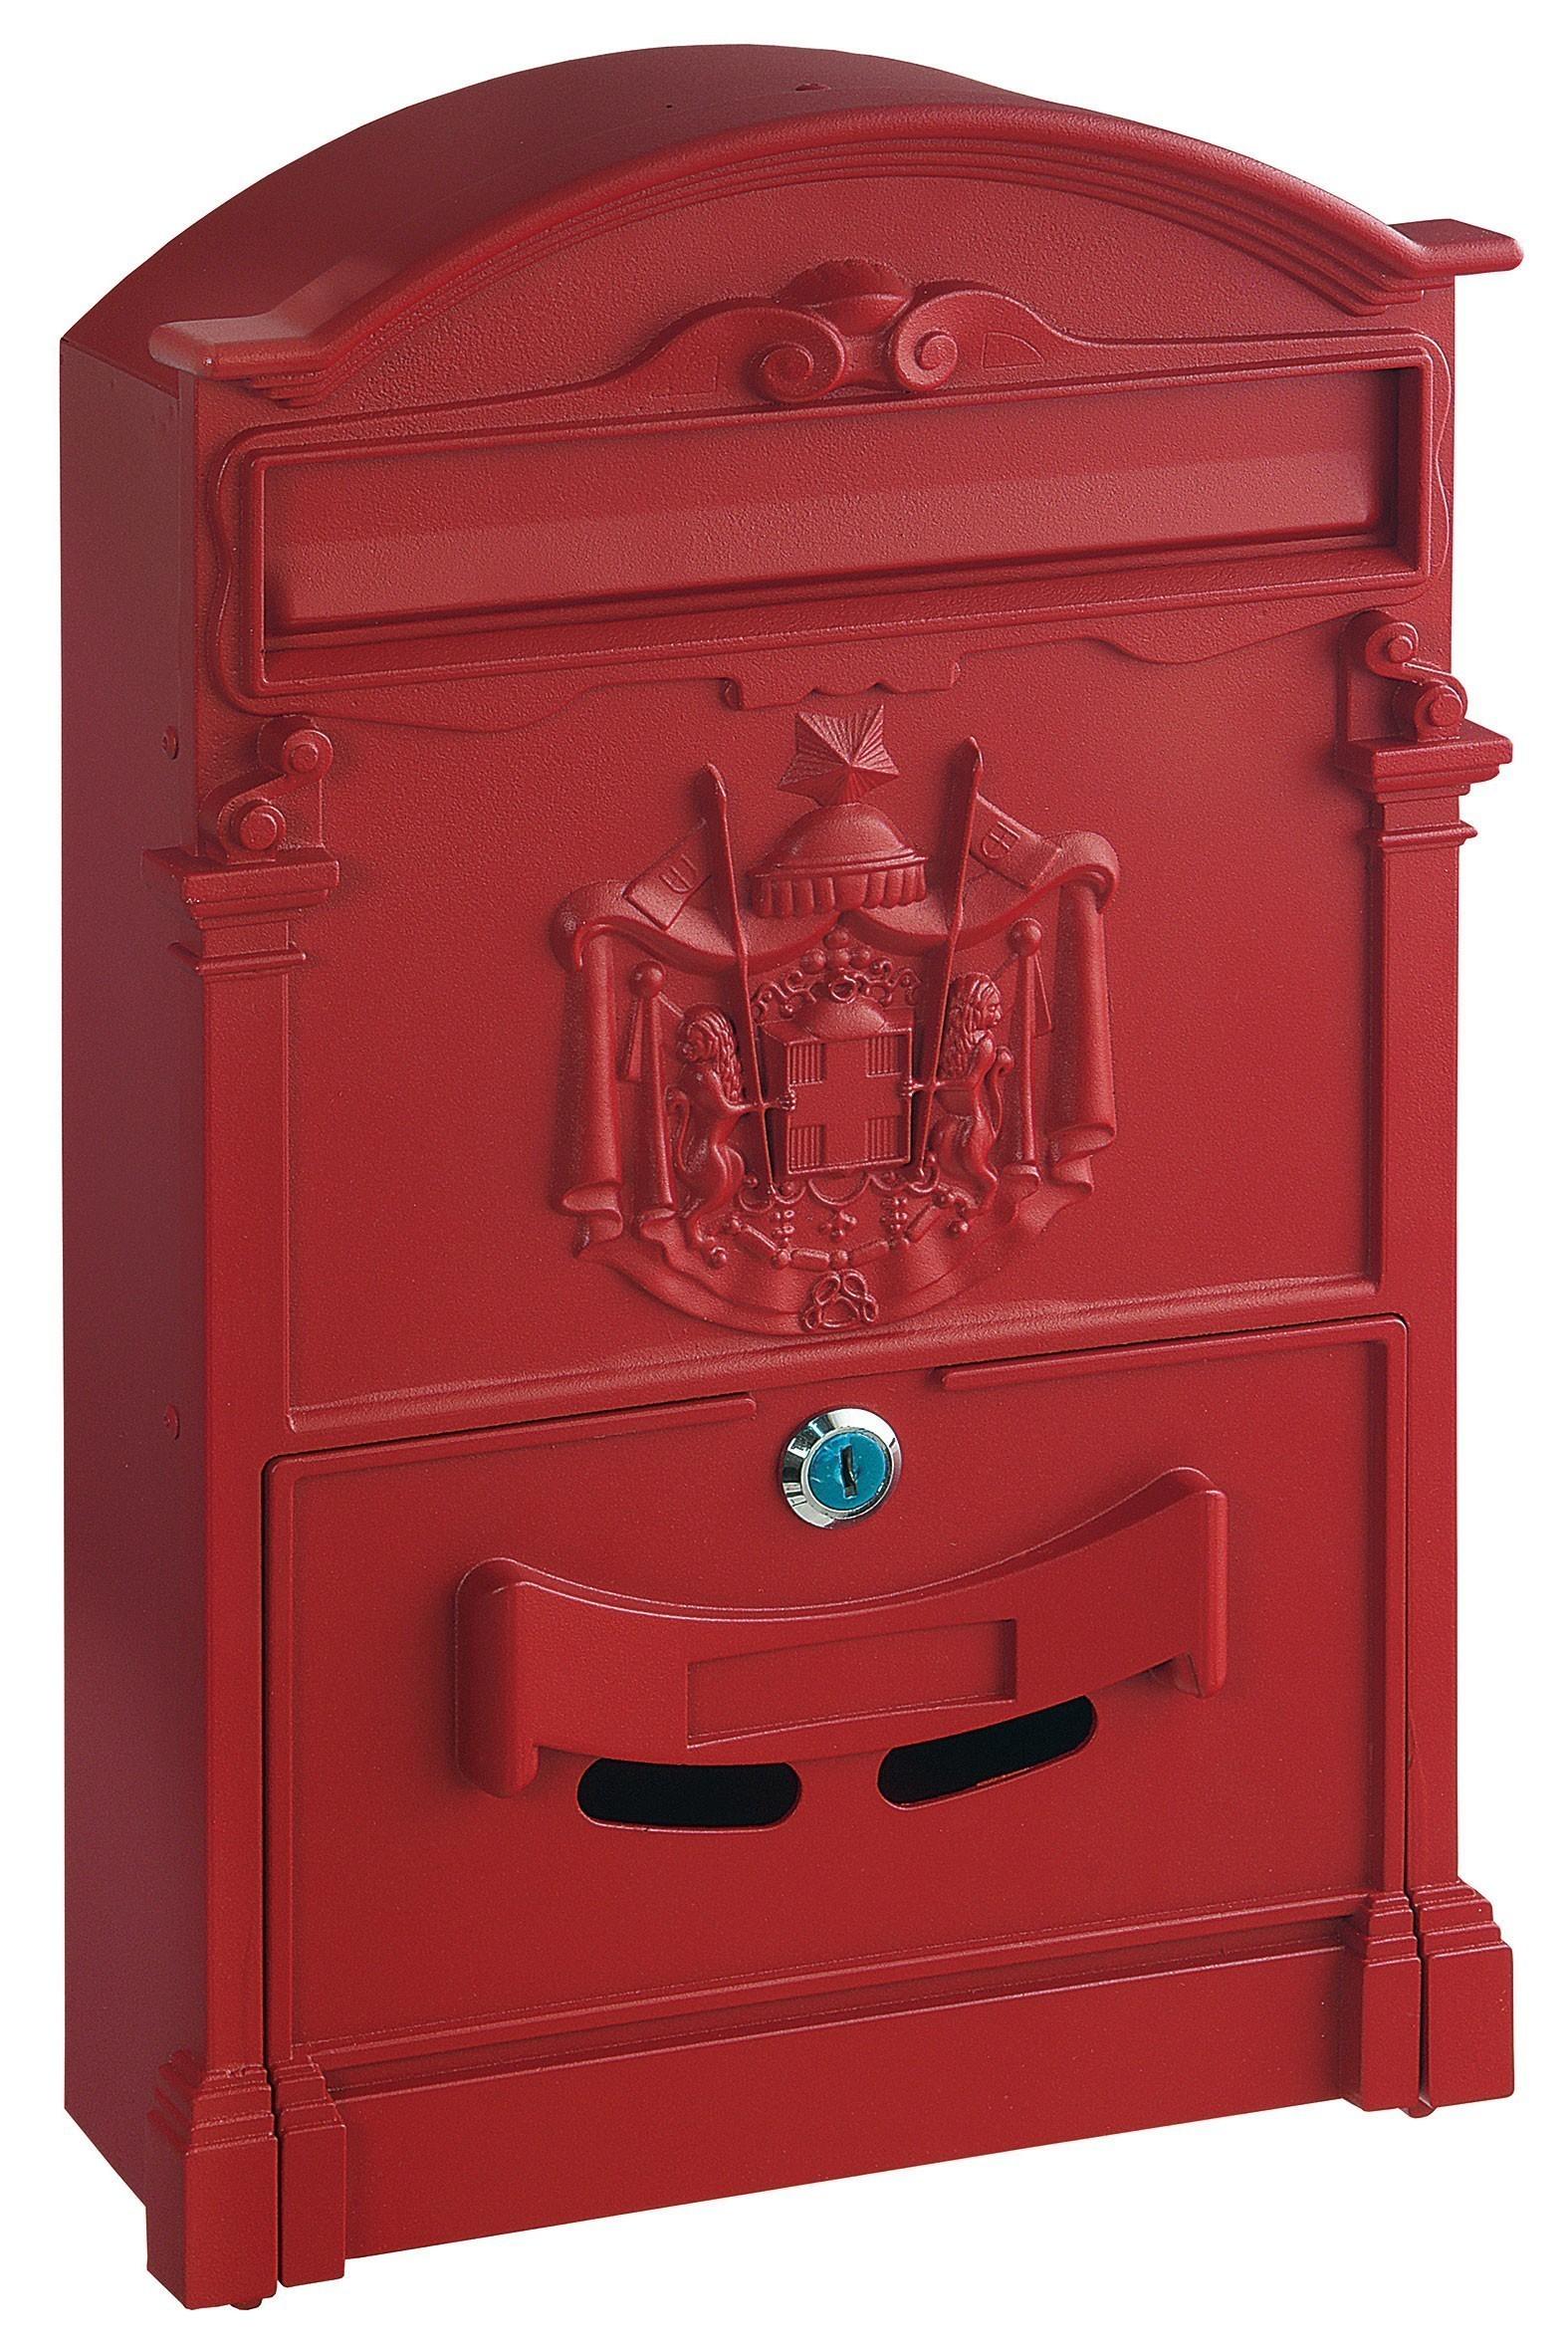 Rottner Briefkasten Ashford rot 410x260x90mm Bild 1